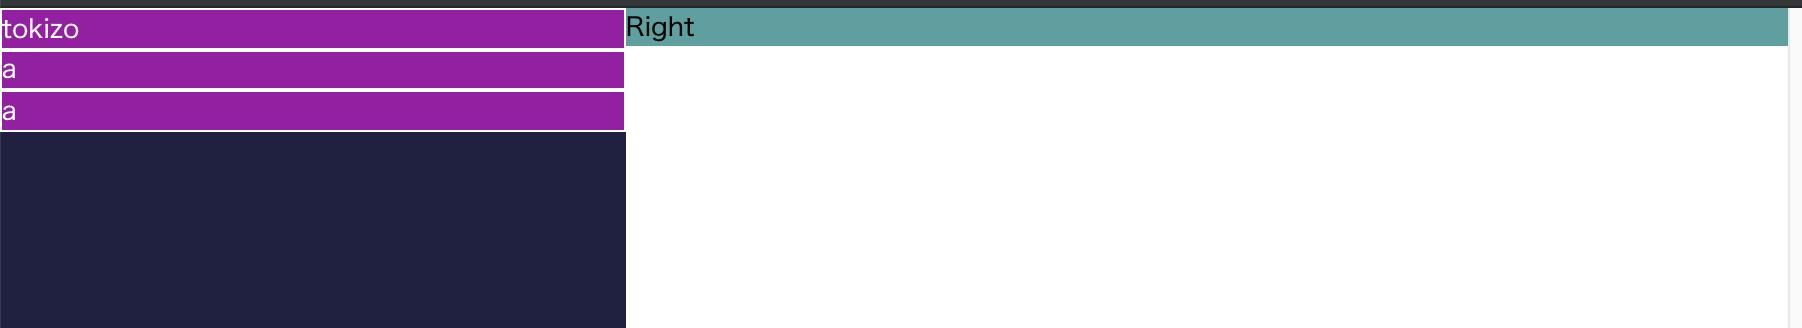 スクリーンショット 2020-01-23 0.17.45.png